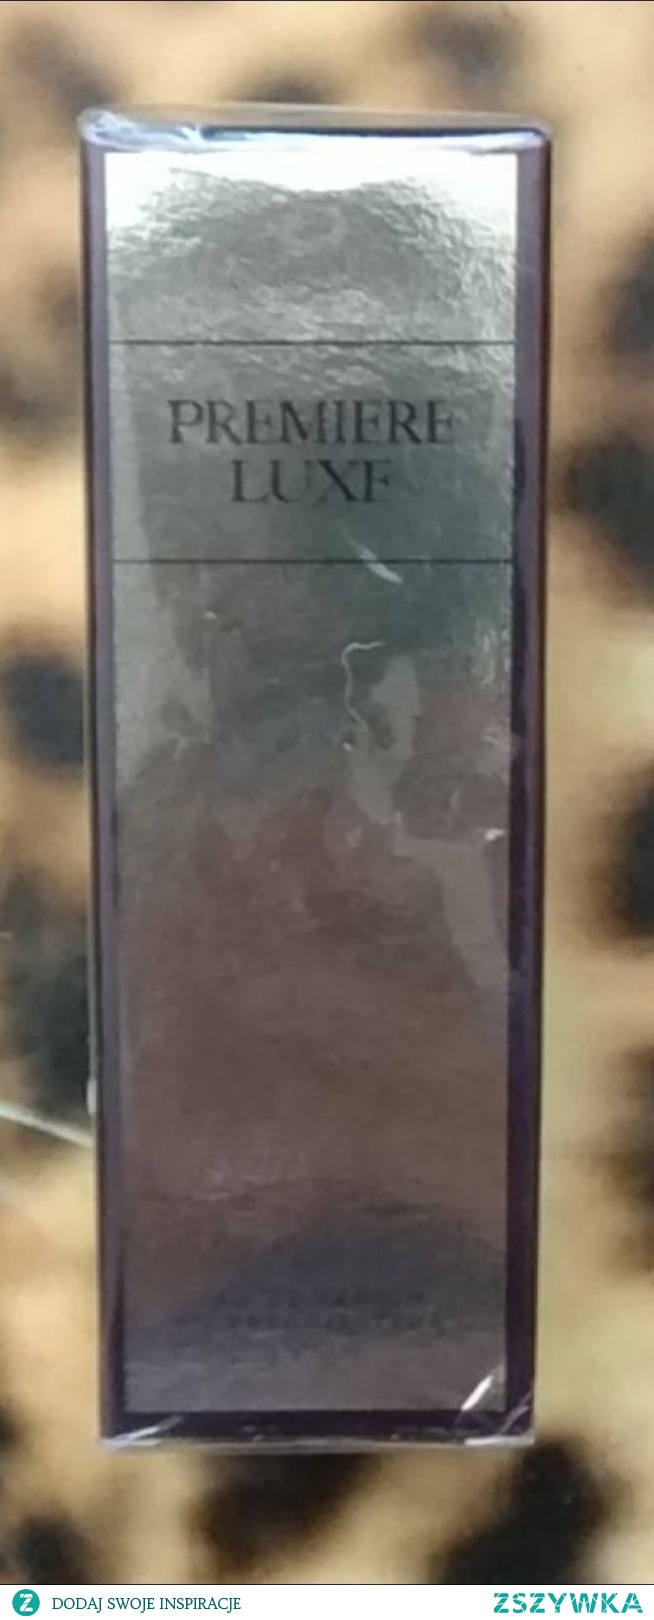 Mam do sprzedania nowe zafoliowaną Woda perfumowana Premiere Luxe dla Niej 30 ml  Luksusowe perfumy Ciepła, bogata kompozycja na chodne dni, z nutami czarnej porzeczki, jaśminu i magnolii oraz luksusowymi akordami drzewa sandałowego.  Kategoria: kwiatowo - szyprowa  Główne nuty zapachowe: magnolia, jaśmin, gardenia  Nuty głowy: czarna porzeczka, granat, grejpfrut Nuty serca: magnolia, gardenia, jaśmin Nuty bazy: drzewo sandałowe, paczula, pralina  Otul się elegancją i luksusem Premiere Luxe. Podkreśl swoją atrakcyjność i zmysłową, kobiecą naturę. Niezwykła elegancja, szyk i zmysłowość kobiecości posłużyły za inspirację do stworzenia tego luksusowego damskiego zapachu. Premiere Luxe skomponowaliśmy bazując na magii trzech drogocennych kwiatów, które swoją egzotycznością nadały zapachowi unikalnego charakteru.  Dla kogo? Premiere Luxe uwydatni Twój urok, elegancję i podkreśli kobiecość. Roztoczy uwodzicielską aurę ekstrawagancji i luksusu, której ciężko będzie się oprzeć. To zapach na specjalne okazje.  Jak pachnie? Już od pierwszych chwil zapach Premiere Luxe przykuje Twoją uwagę egzotycznym aromatem magnolii. Zakamarki serca perfum odkryje przed Tobą kusząca woń jaśminu oraz świeżość i słodycz gardenii. Orientalne akordy drzewa sandałowego zatopią całą kompozycję w głębi tej luksusowej woni.